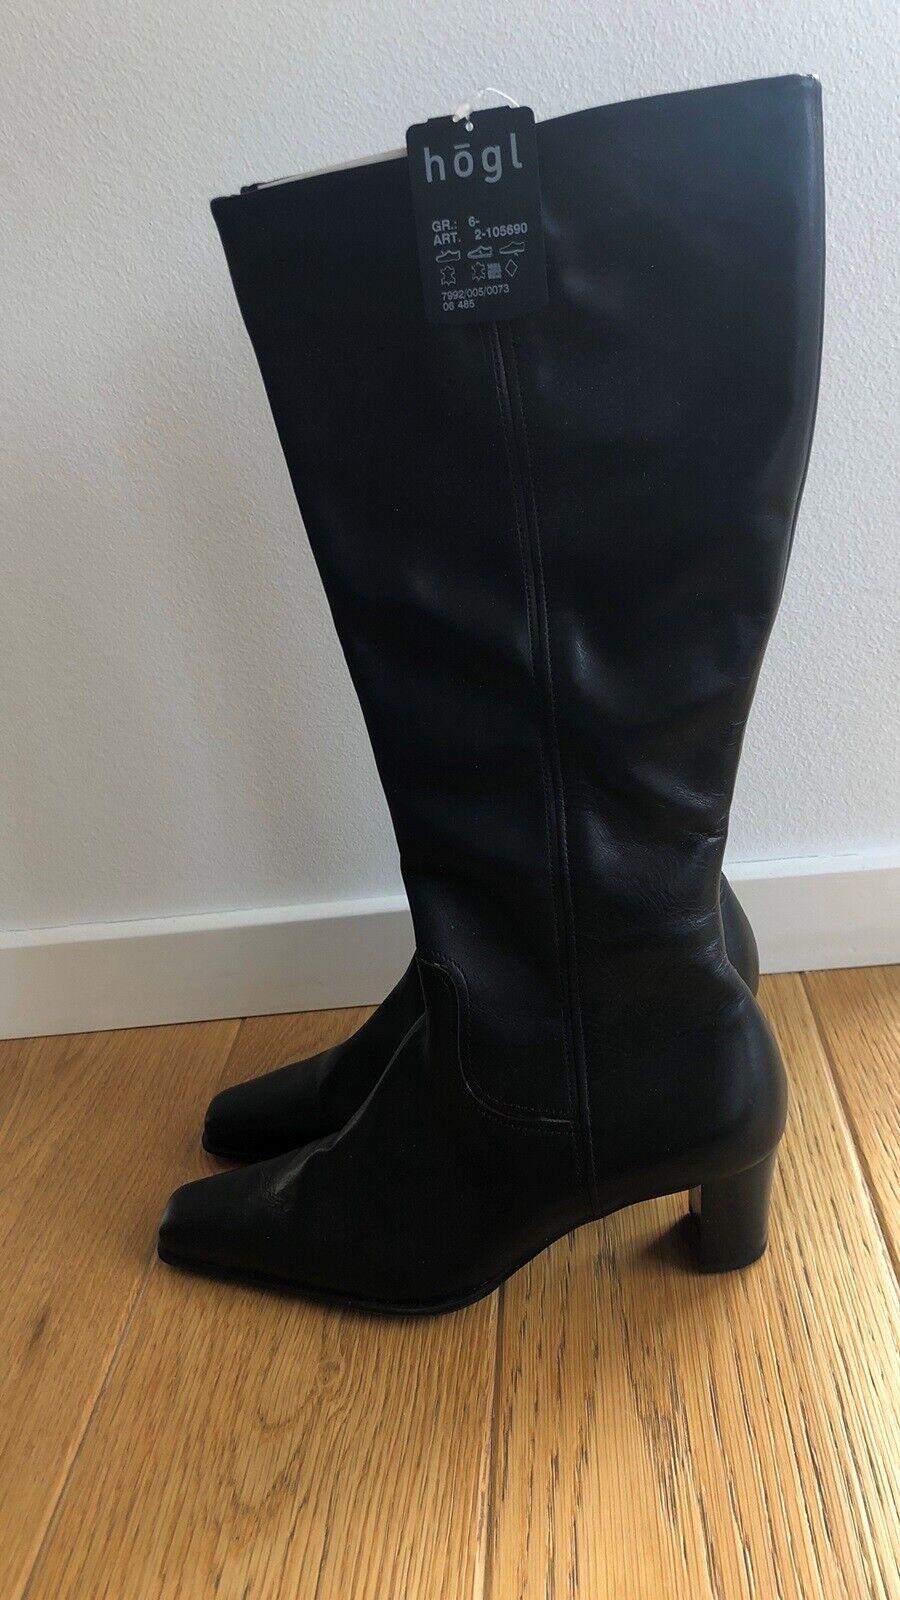 Hogl Støvler sort farve